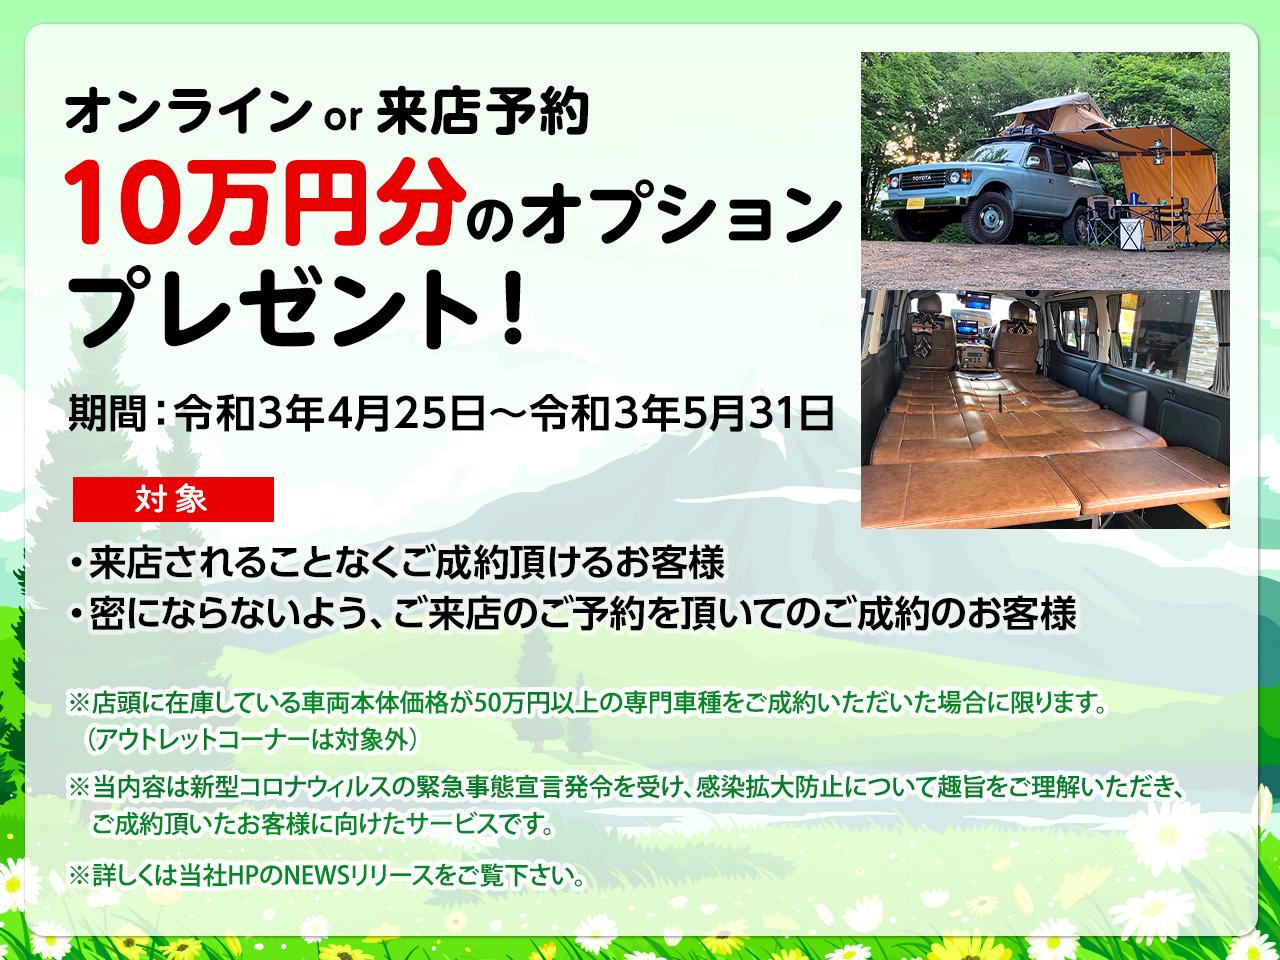 ✨ハイエース仙台東店のご納車一挙ご紹介✨